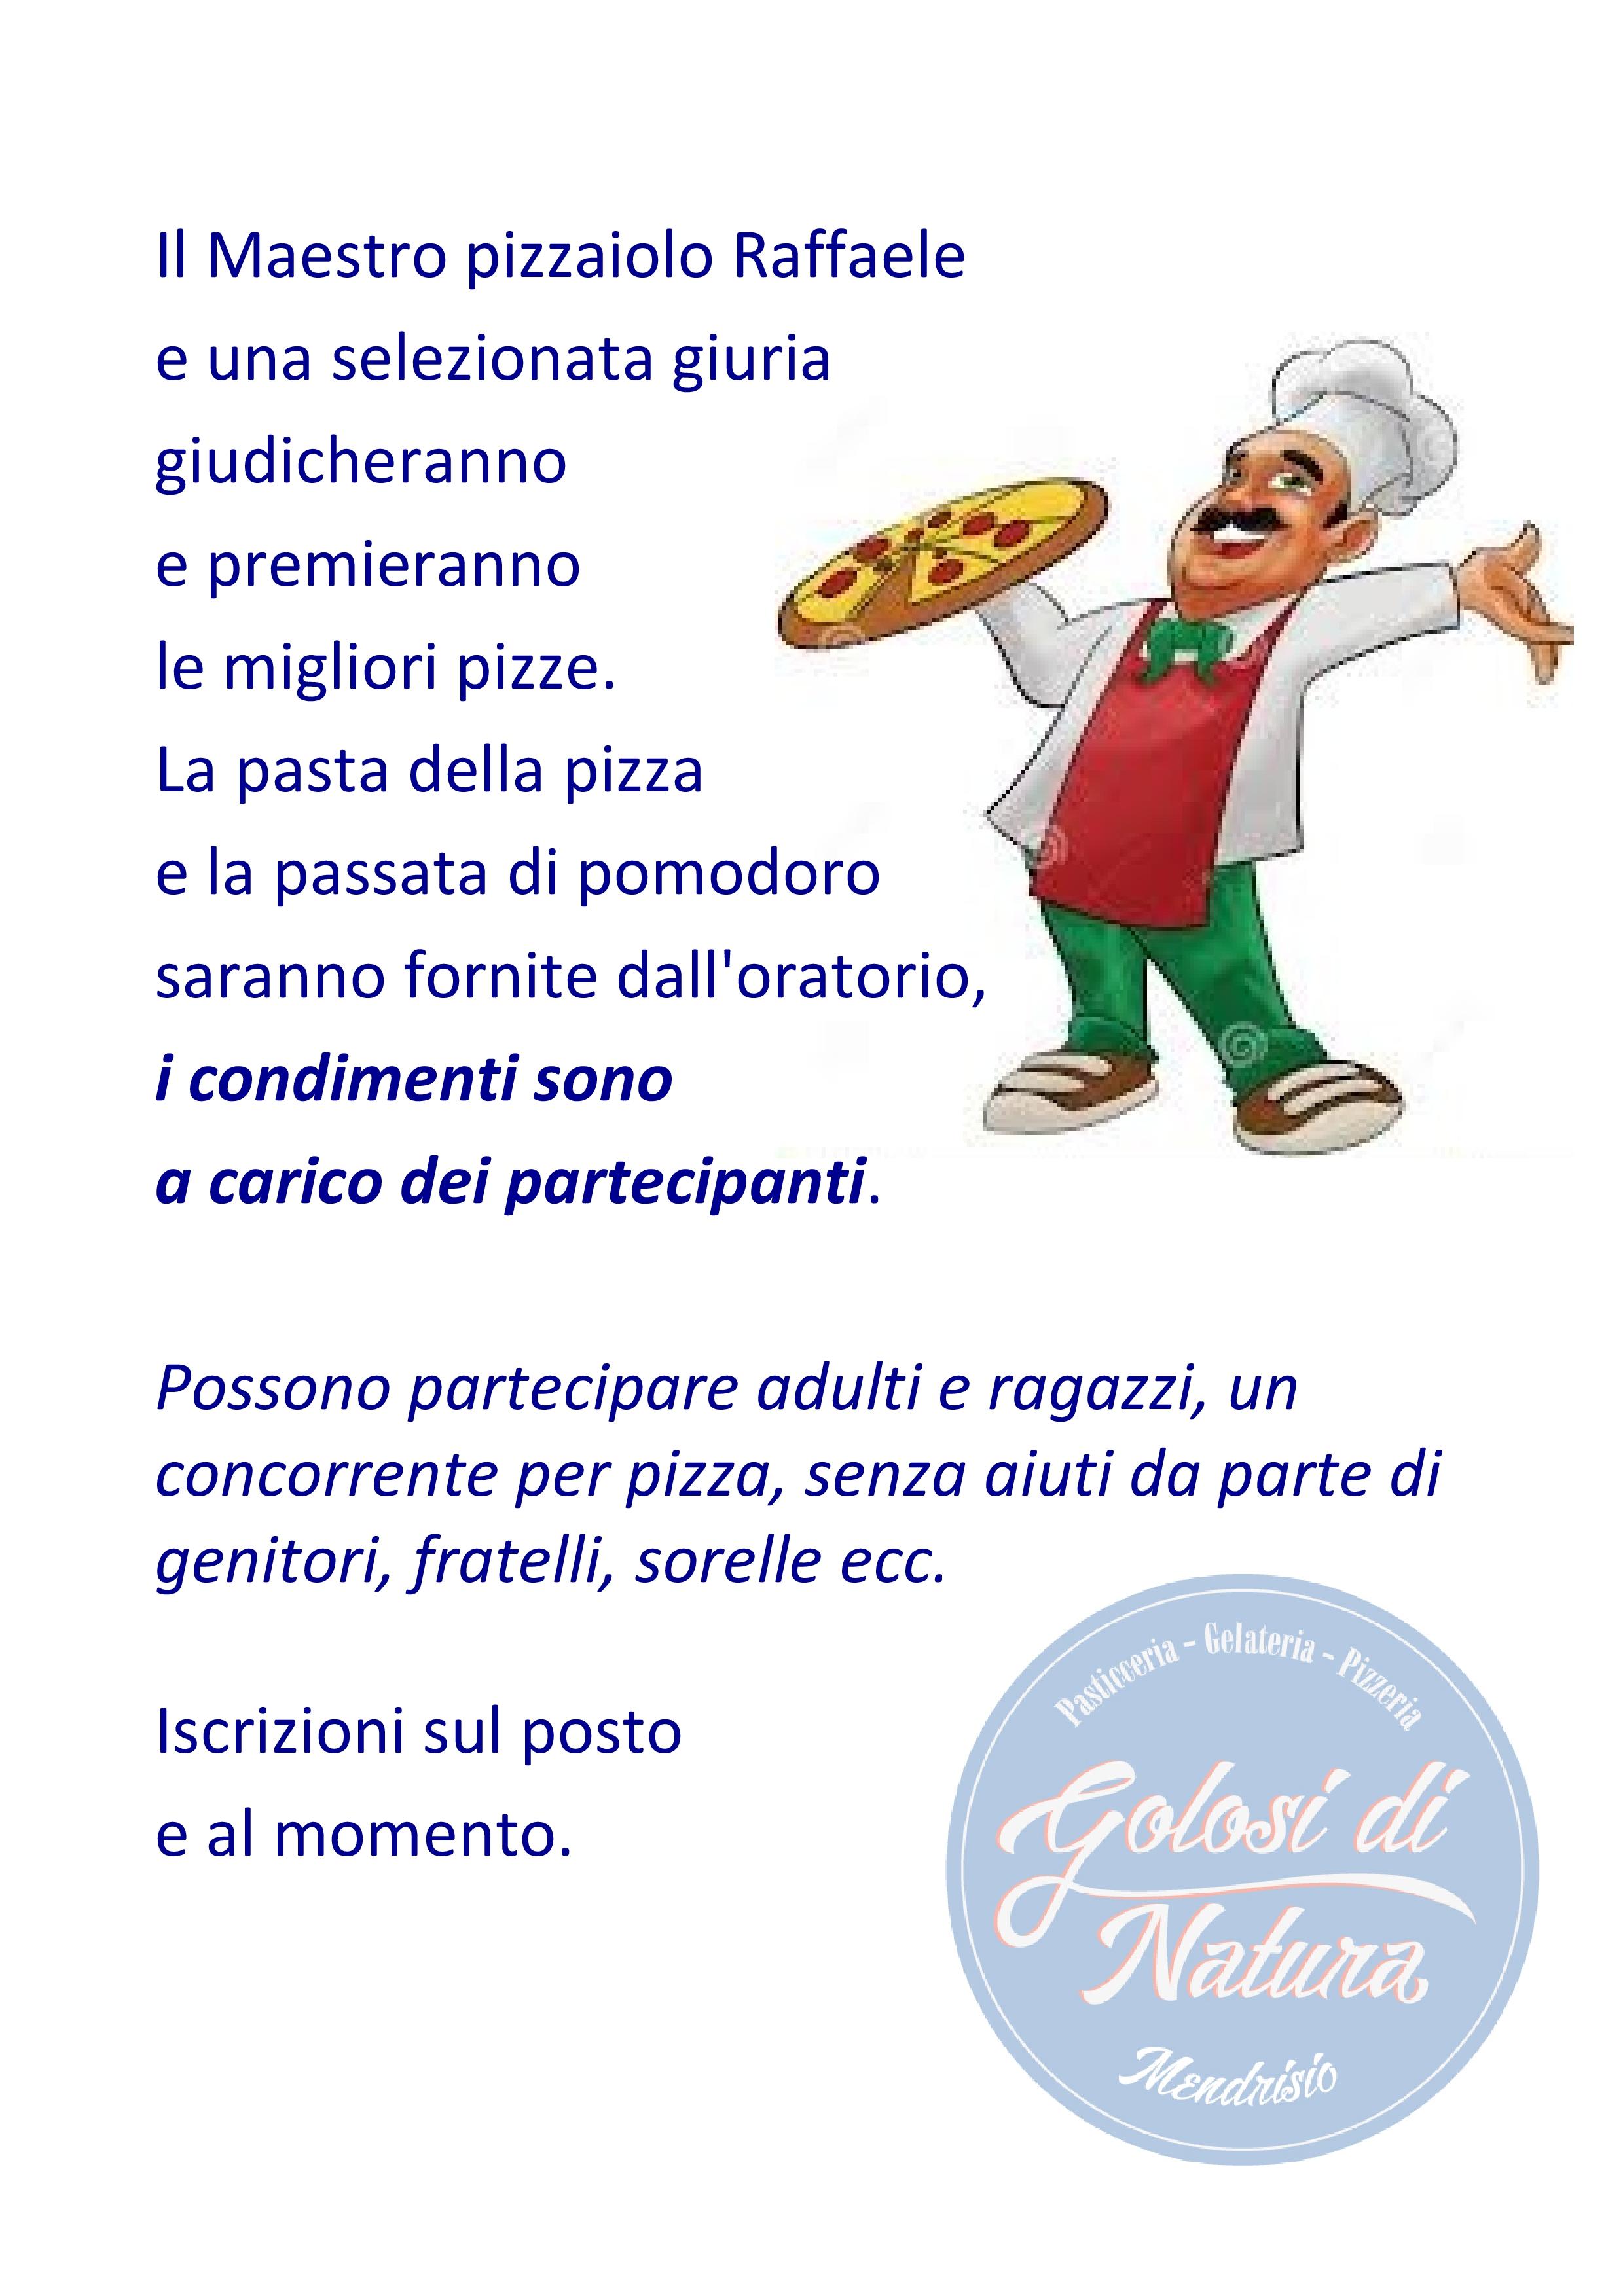 master chef oratorio_03